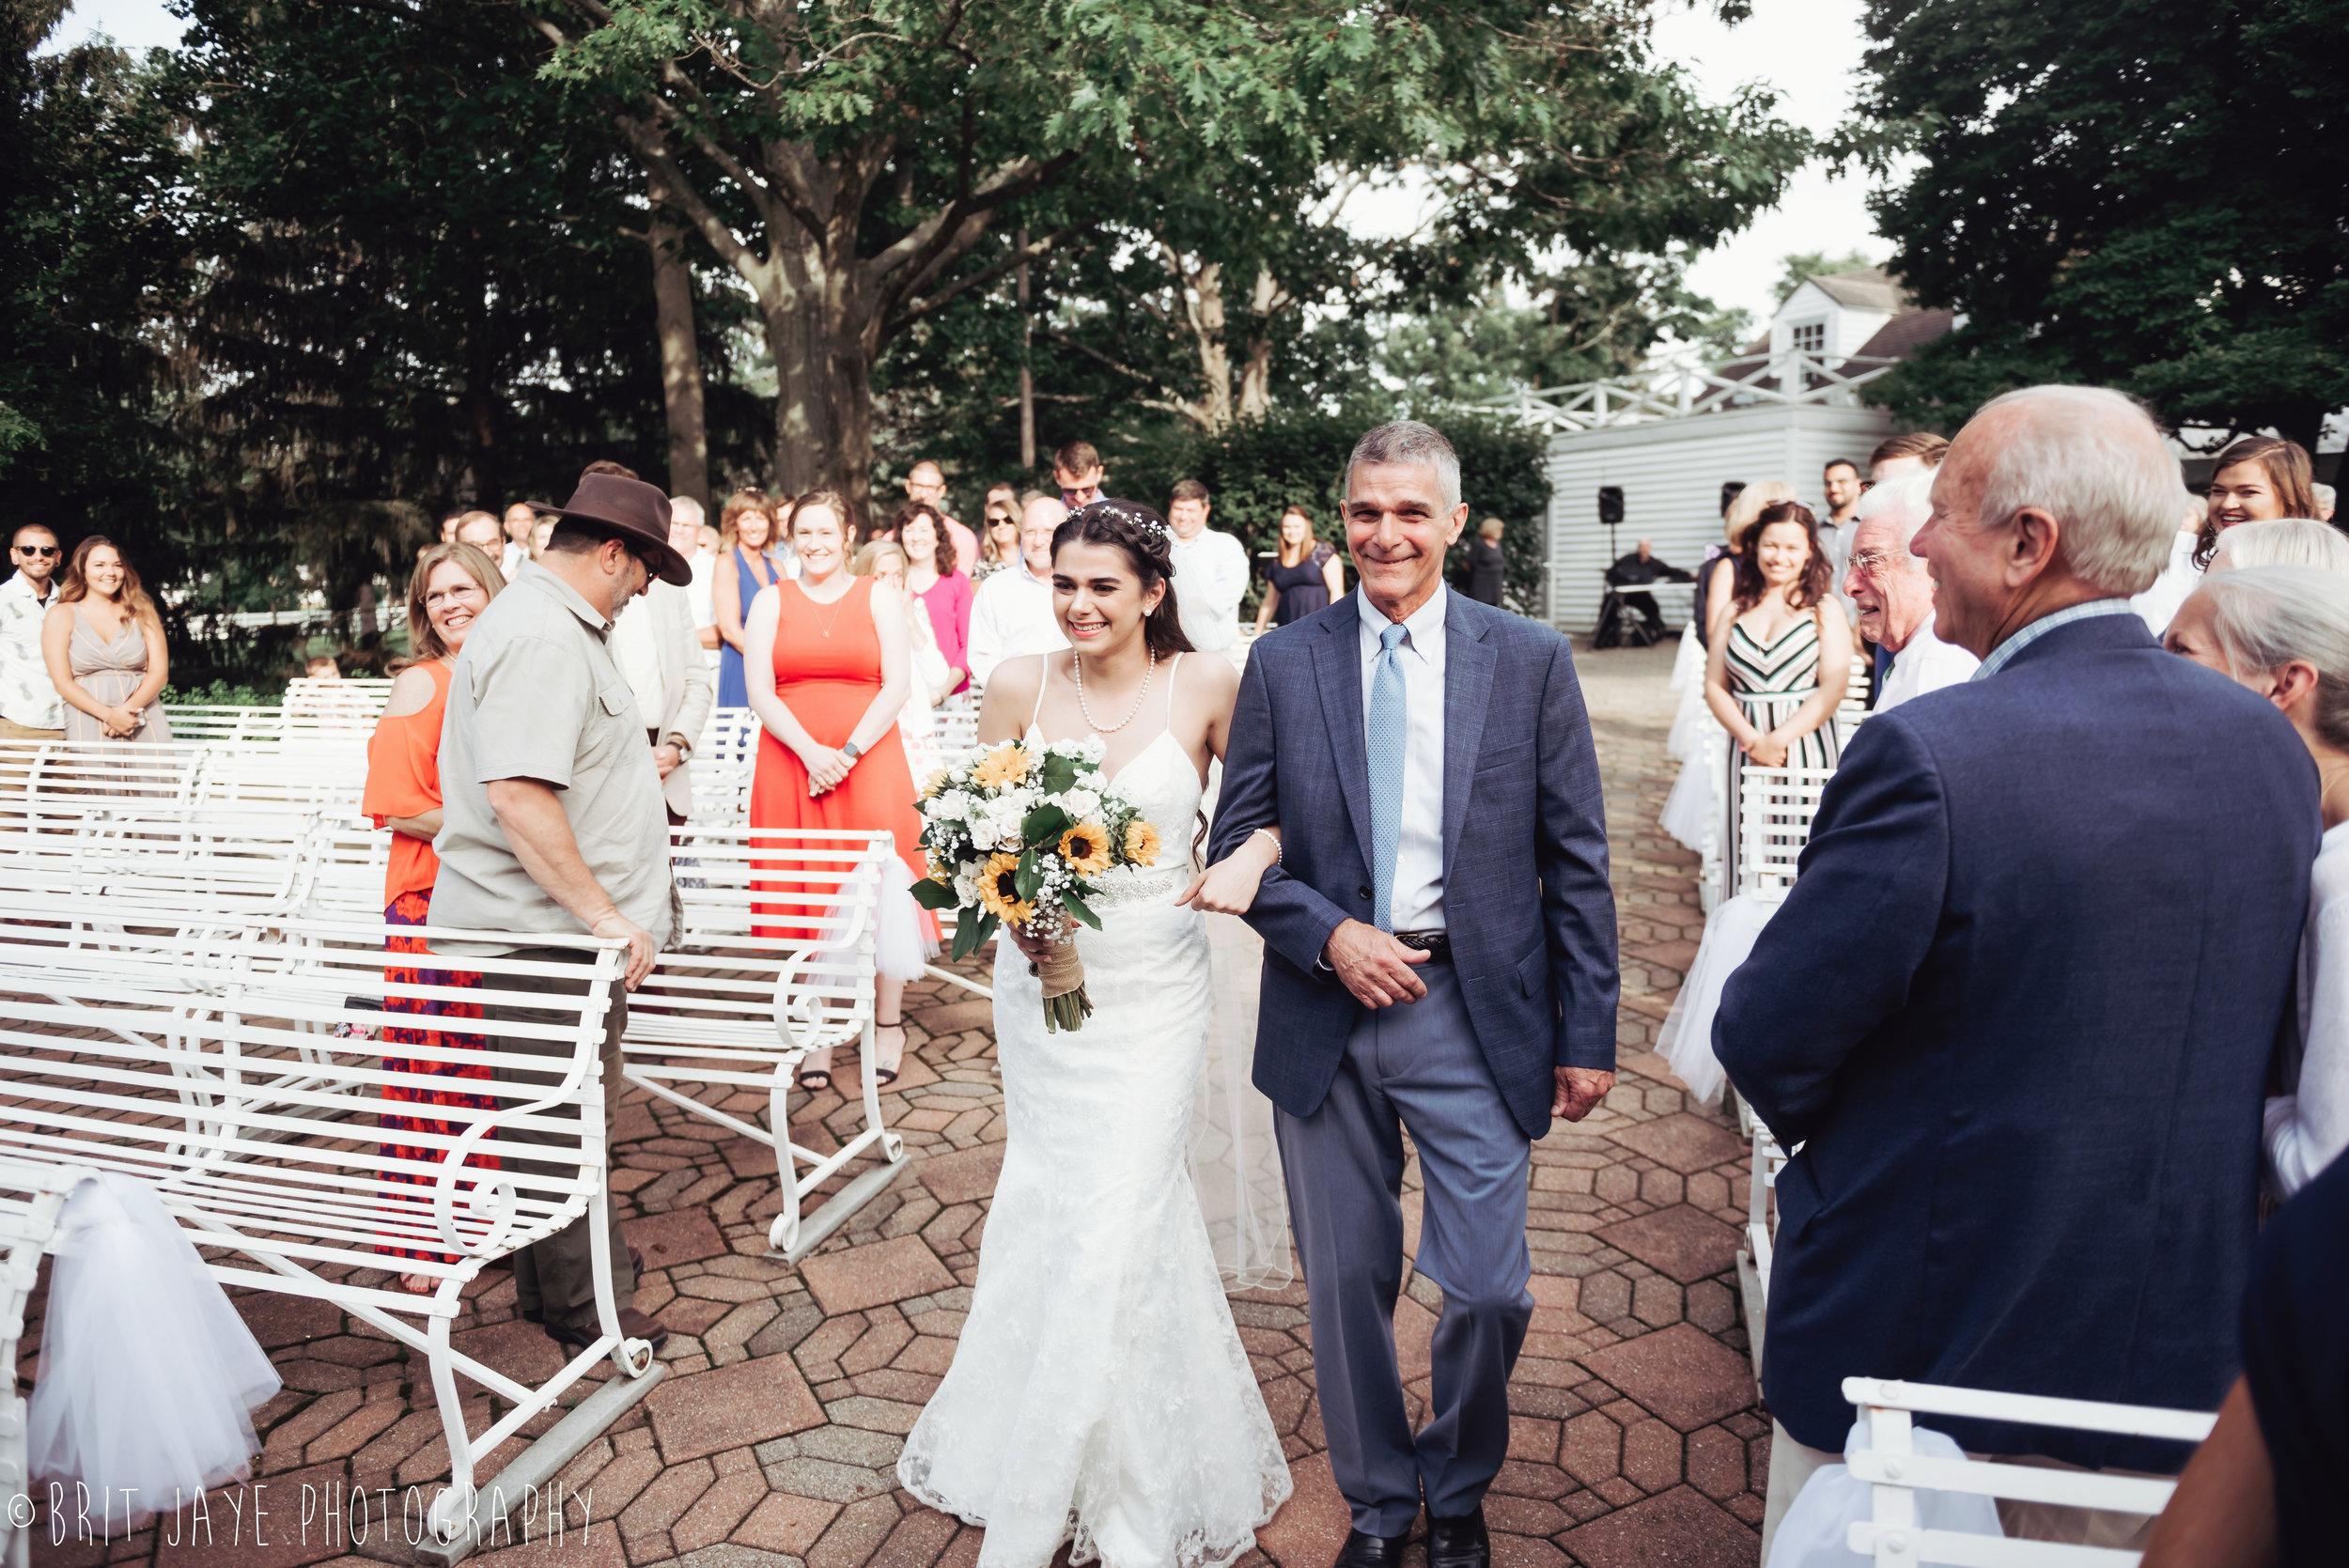 Polen_Farm_Summer_Wedding_Dayton_Ohio-90.jpg